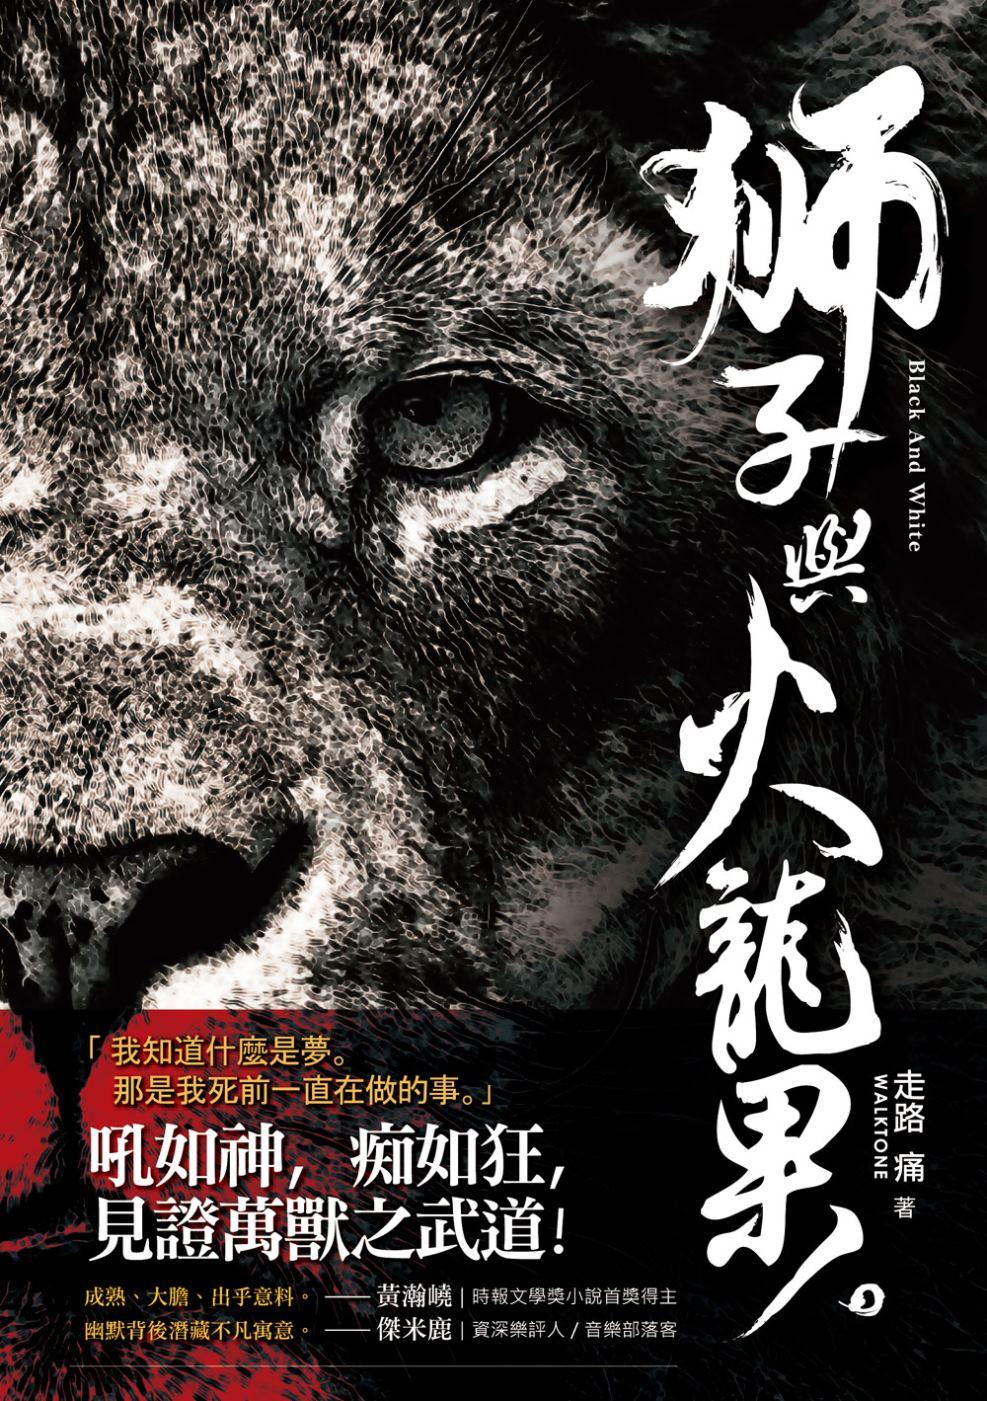 獅子與火龍果